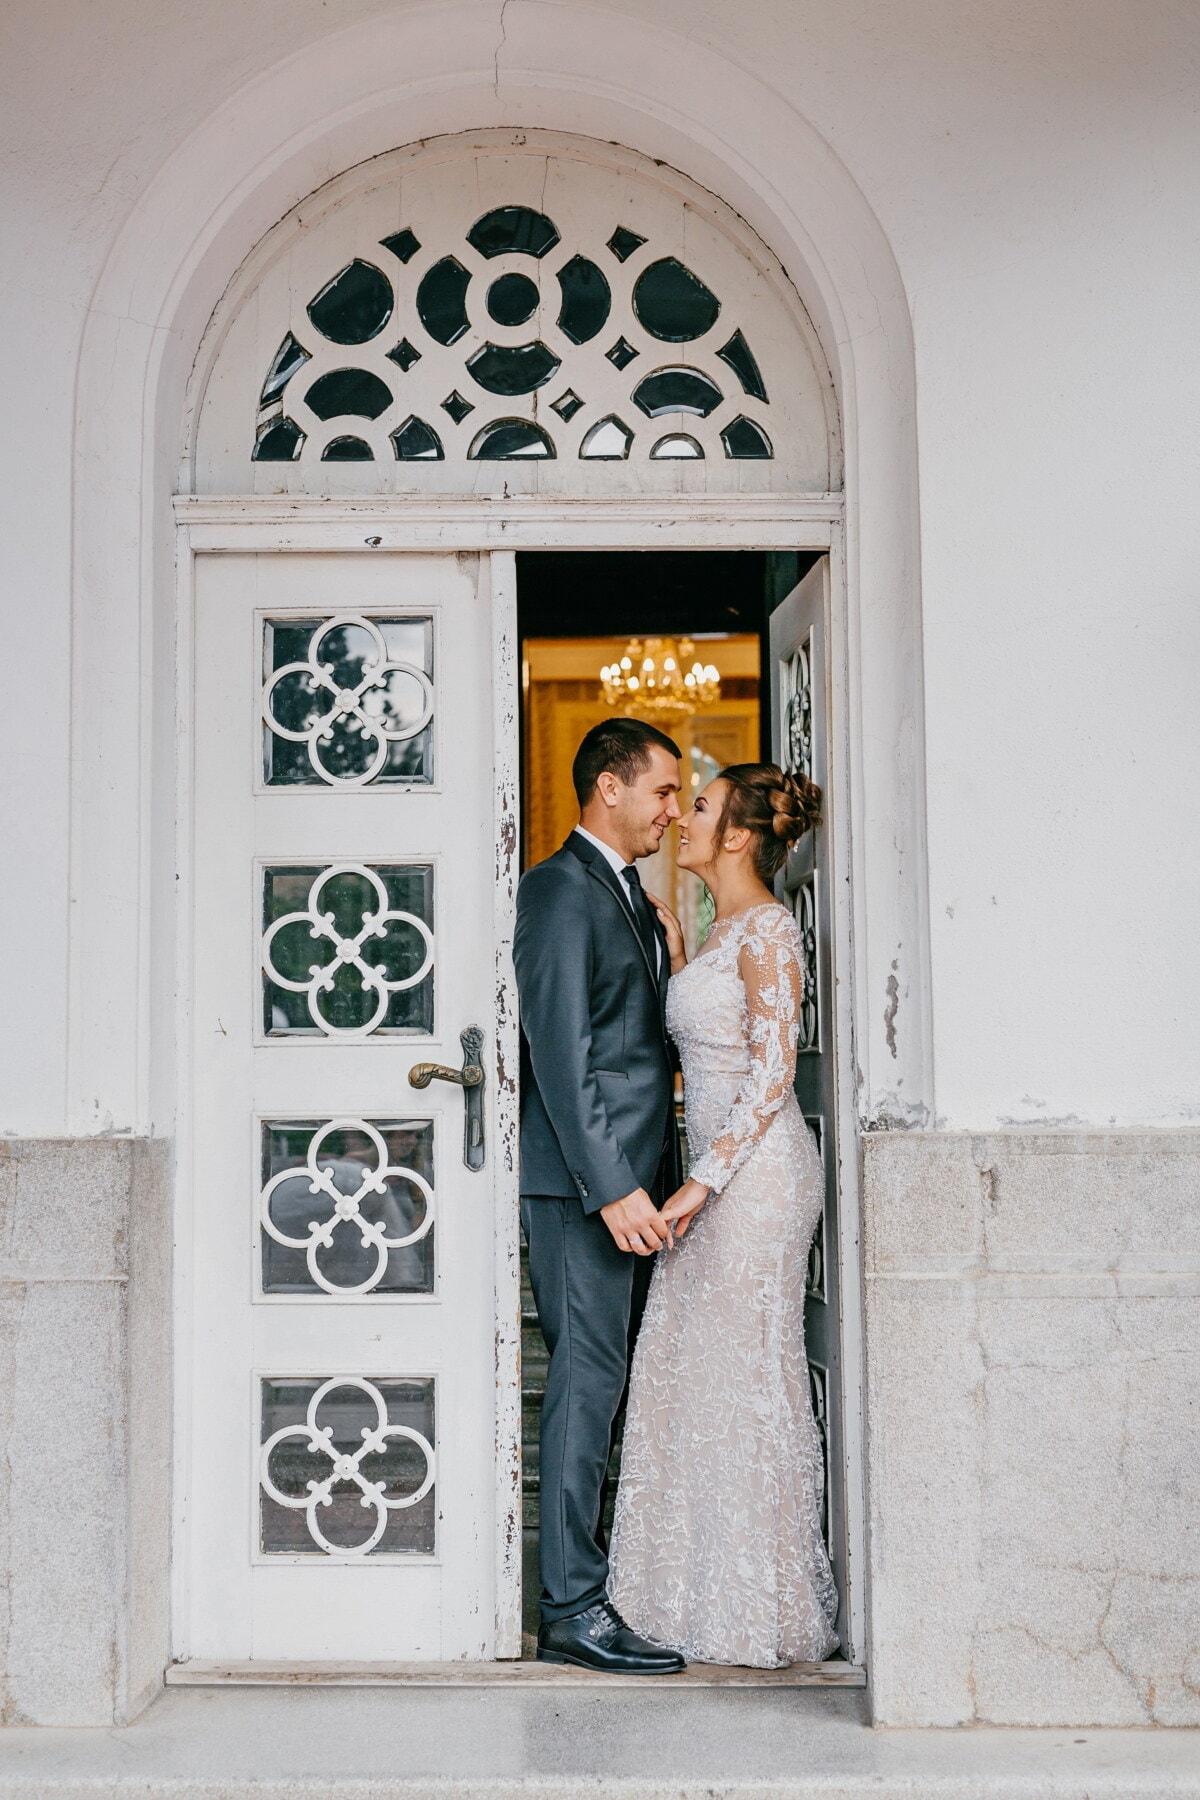 mari, femme, jeunes mariés, porte d'entrée, debout, main dans la main, gens, Portrait, Porte, la mariée